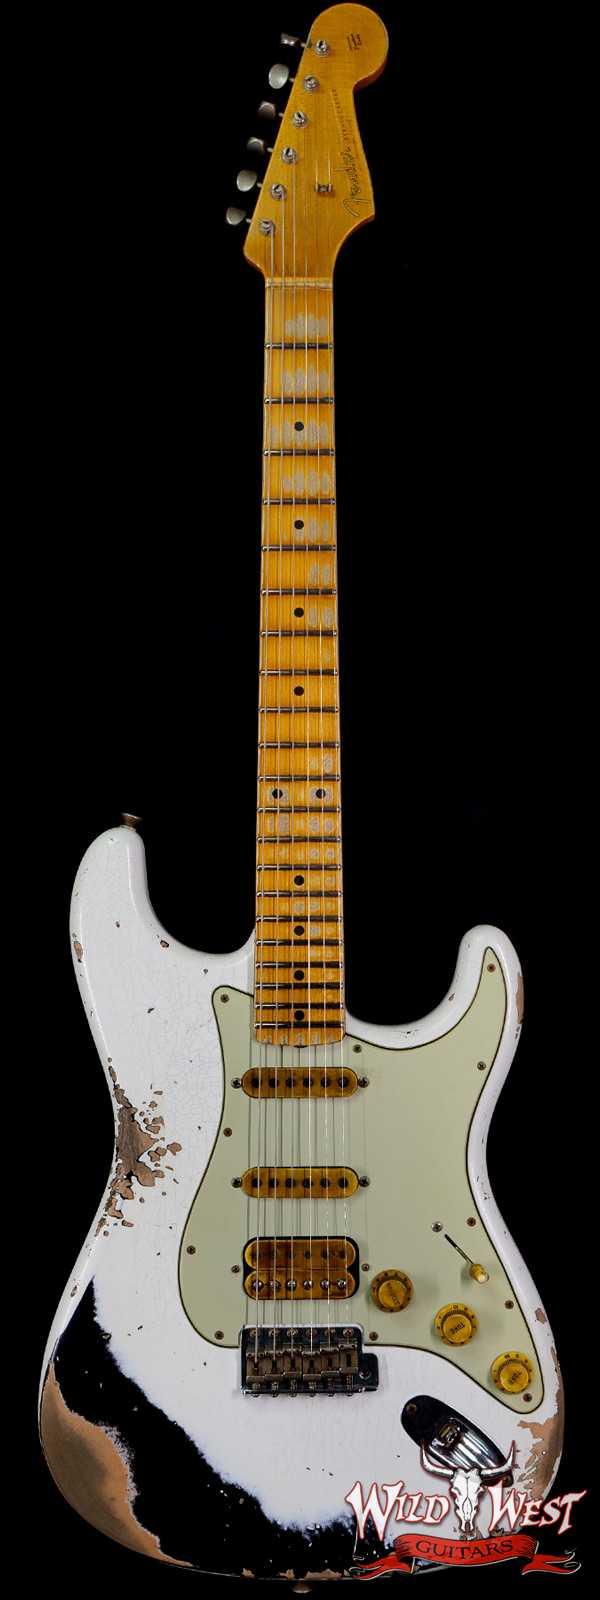 Fender Custom Shop Wild West White Lightning 2.0 Stratocaster Heavy Relic Maple Fingerboard 21 Frets Black